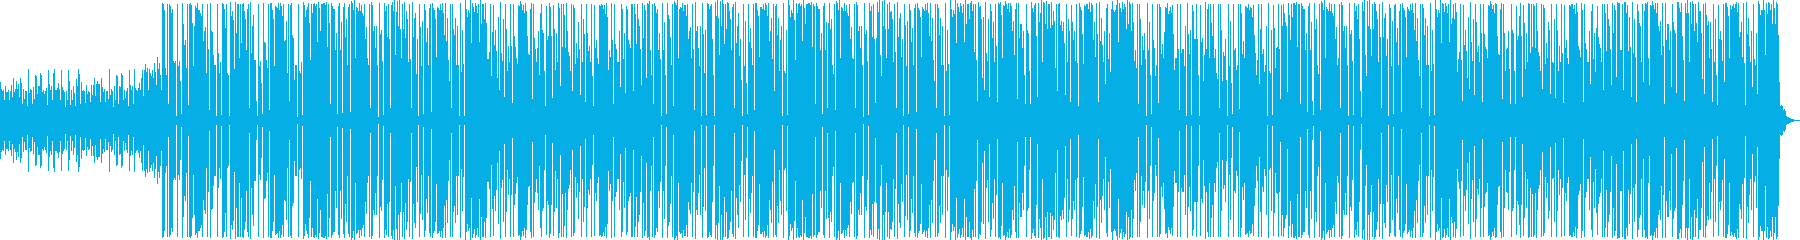 レトロ 神経質 シンセサイザー 電...の再生済みの波形